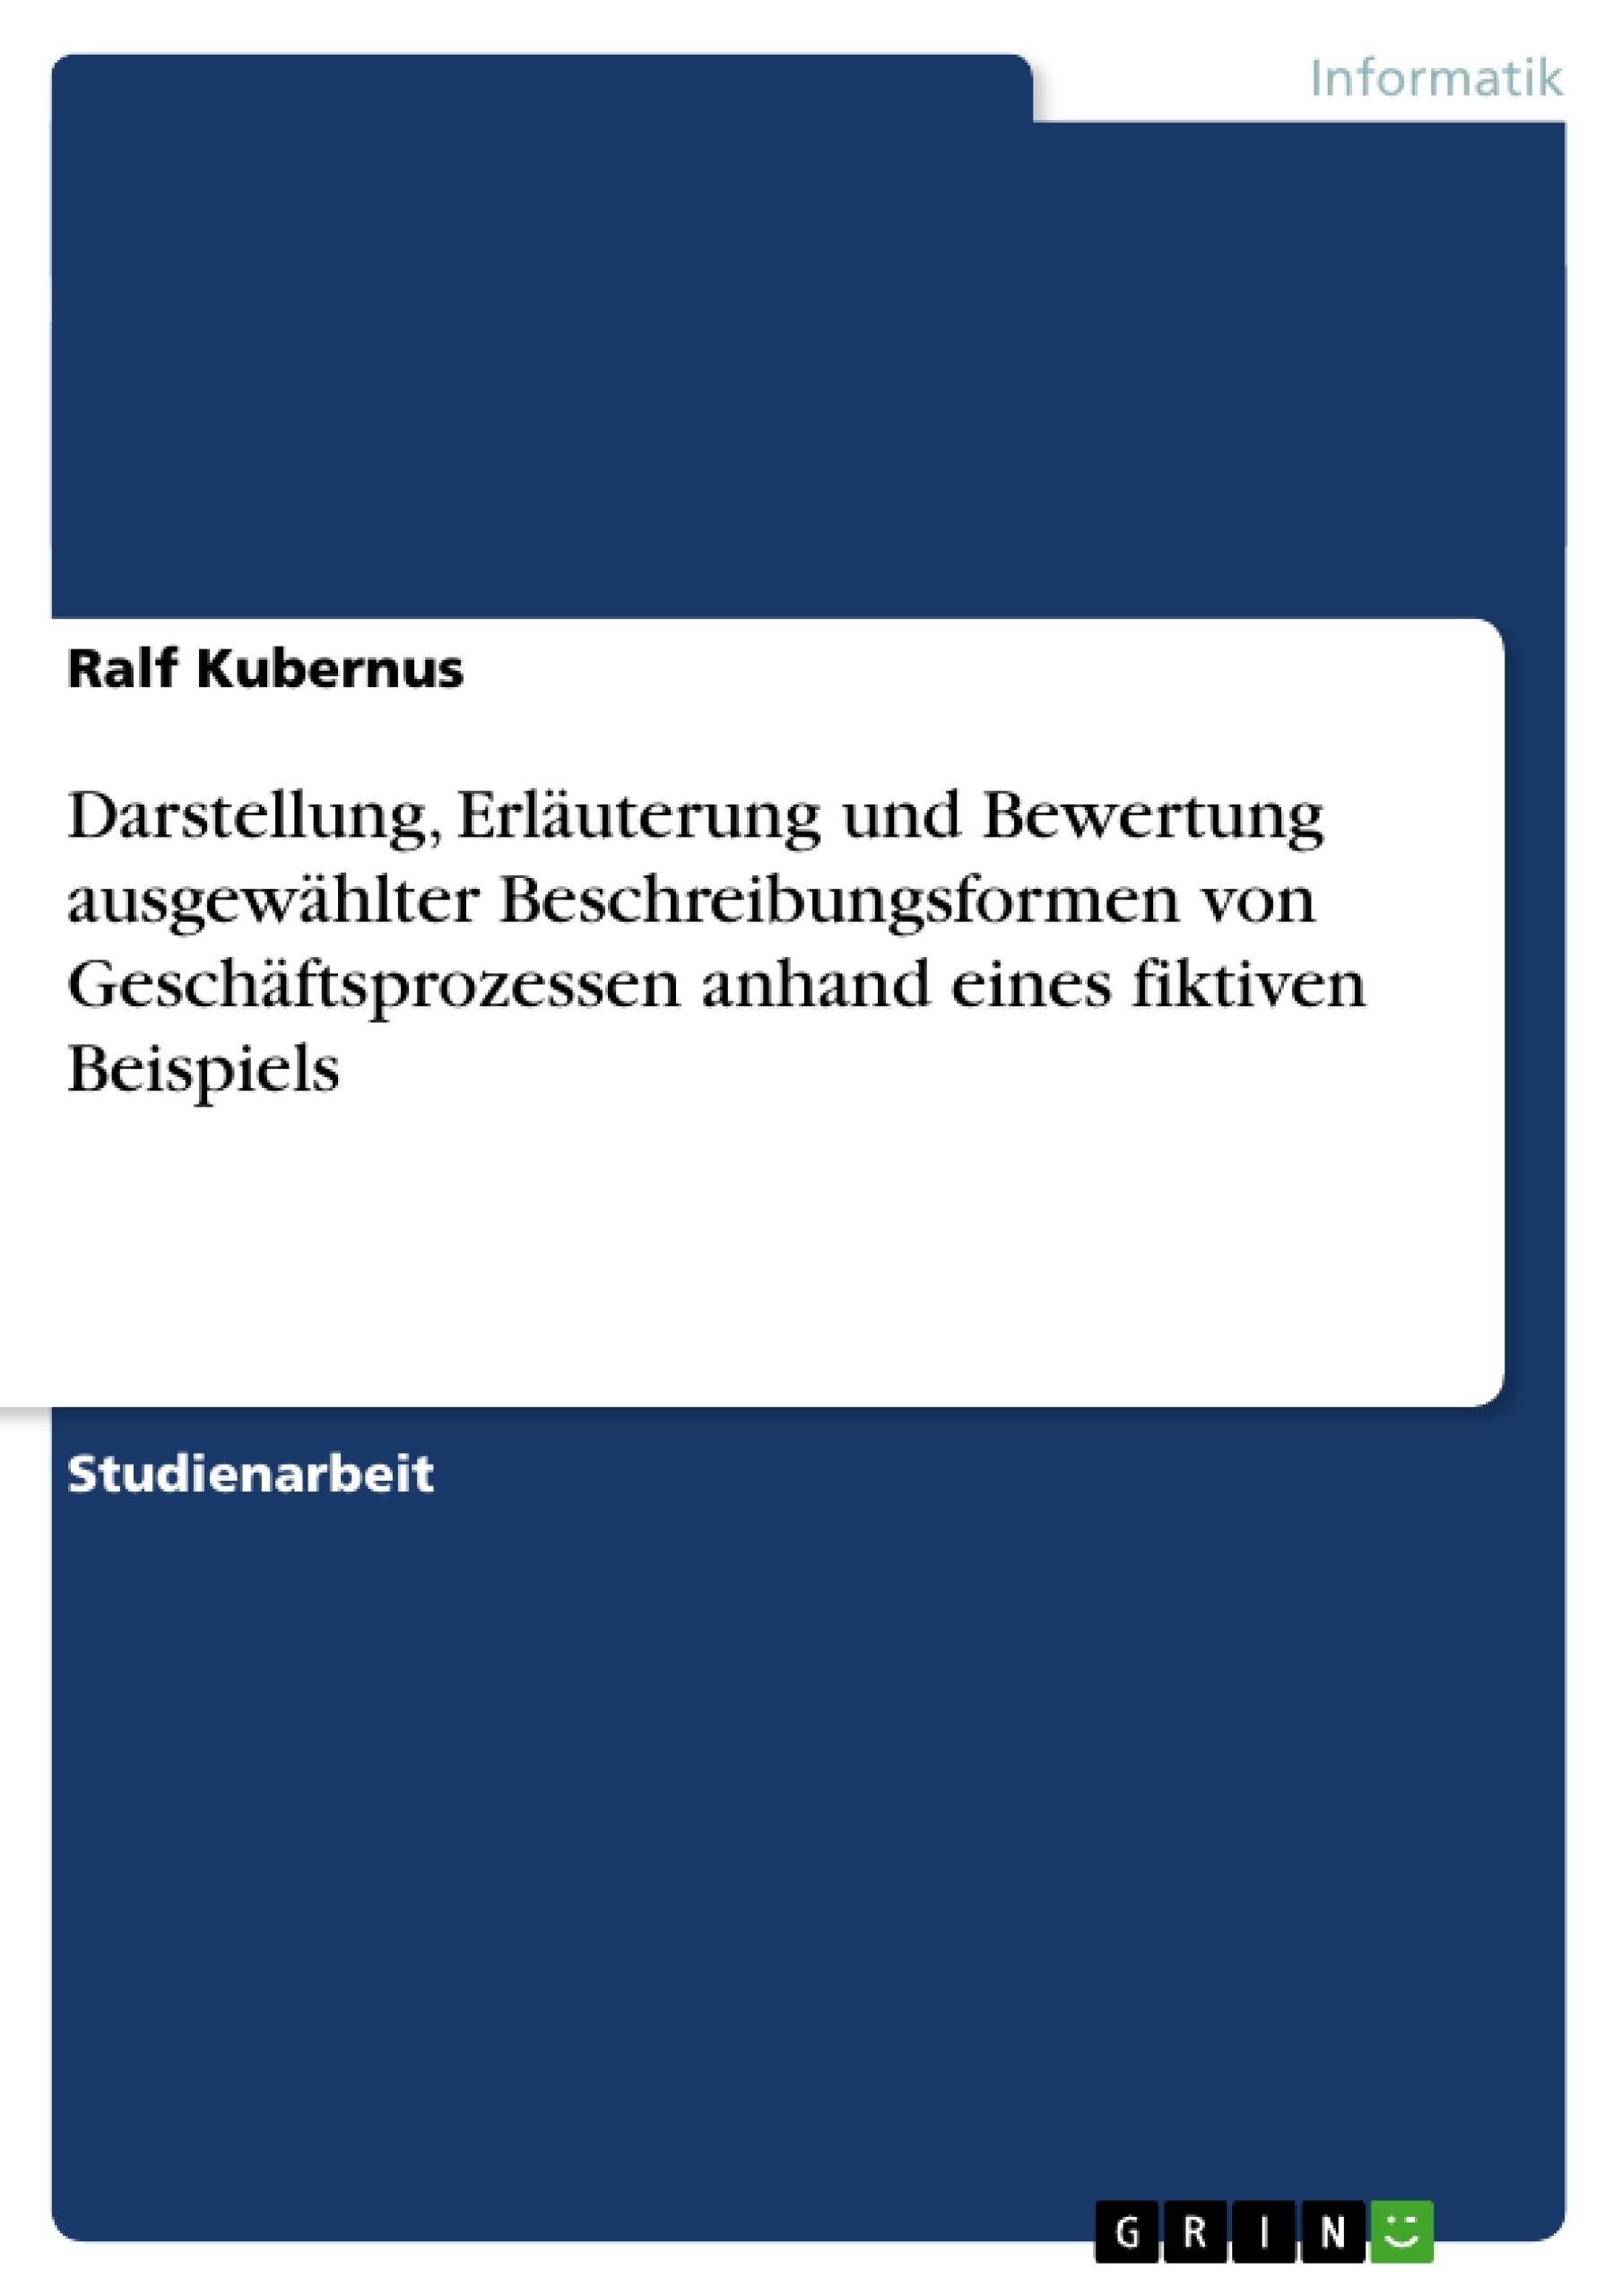 Titel: Darstellung, Erläuterung und Bewertung ausgewählter Beschreibungsformen von Geschäftsprozessen anhand eines fiktiven Beispiels